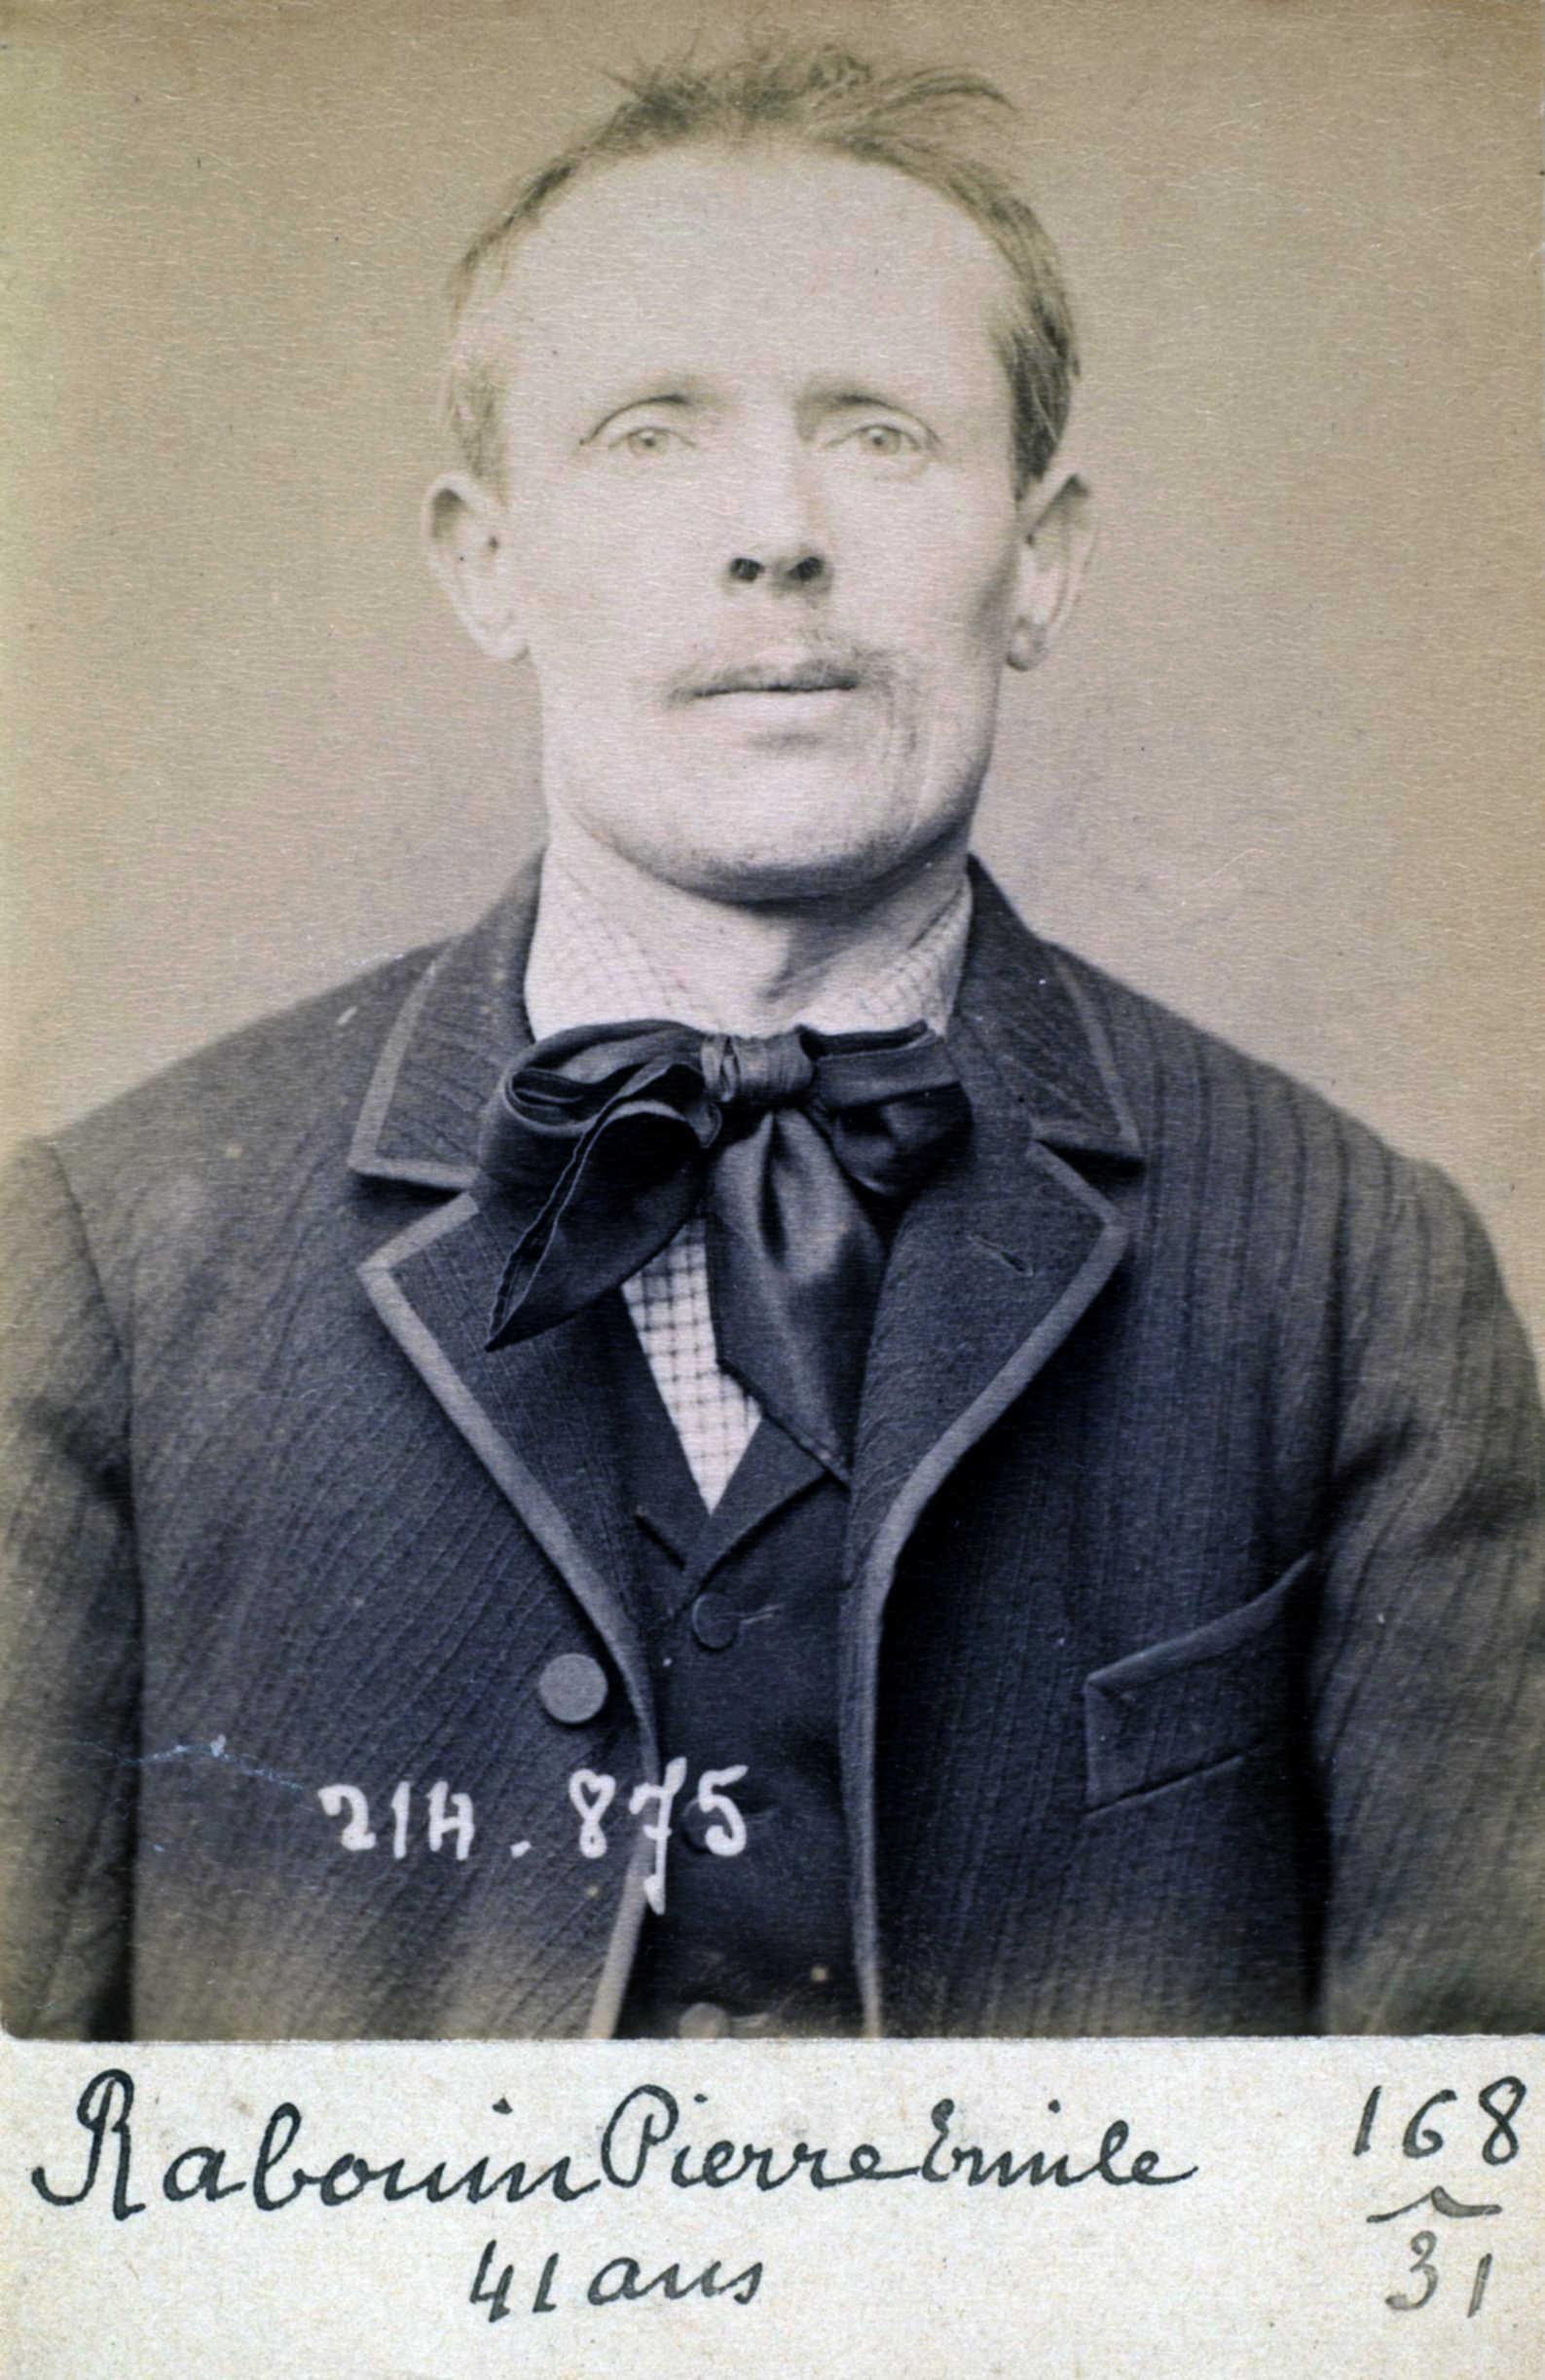 Fotografia policíaca de Pierre Émile Rabouin (28 de febrer de 1894)